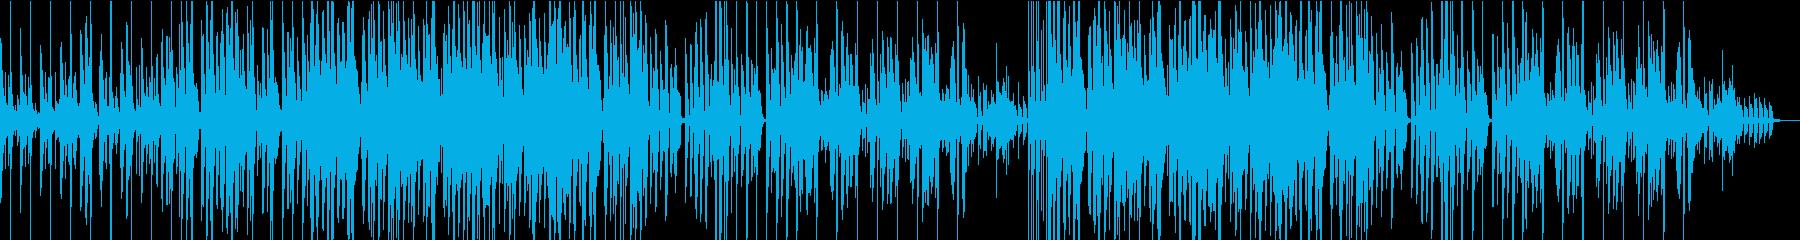 軽快レトロな可愛らしいゲーム風音楽の再生済みの波形